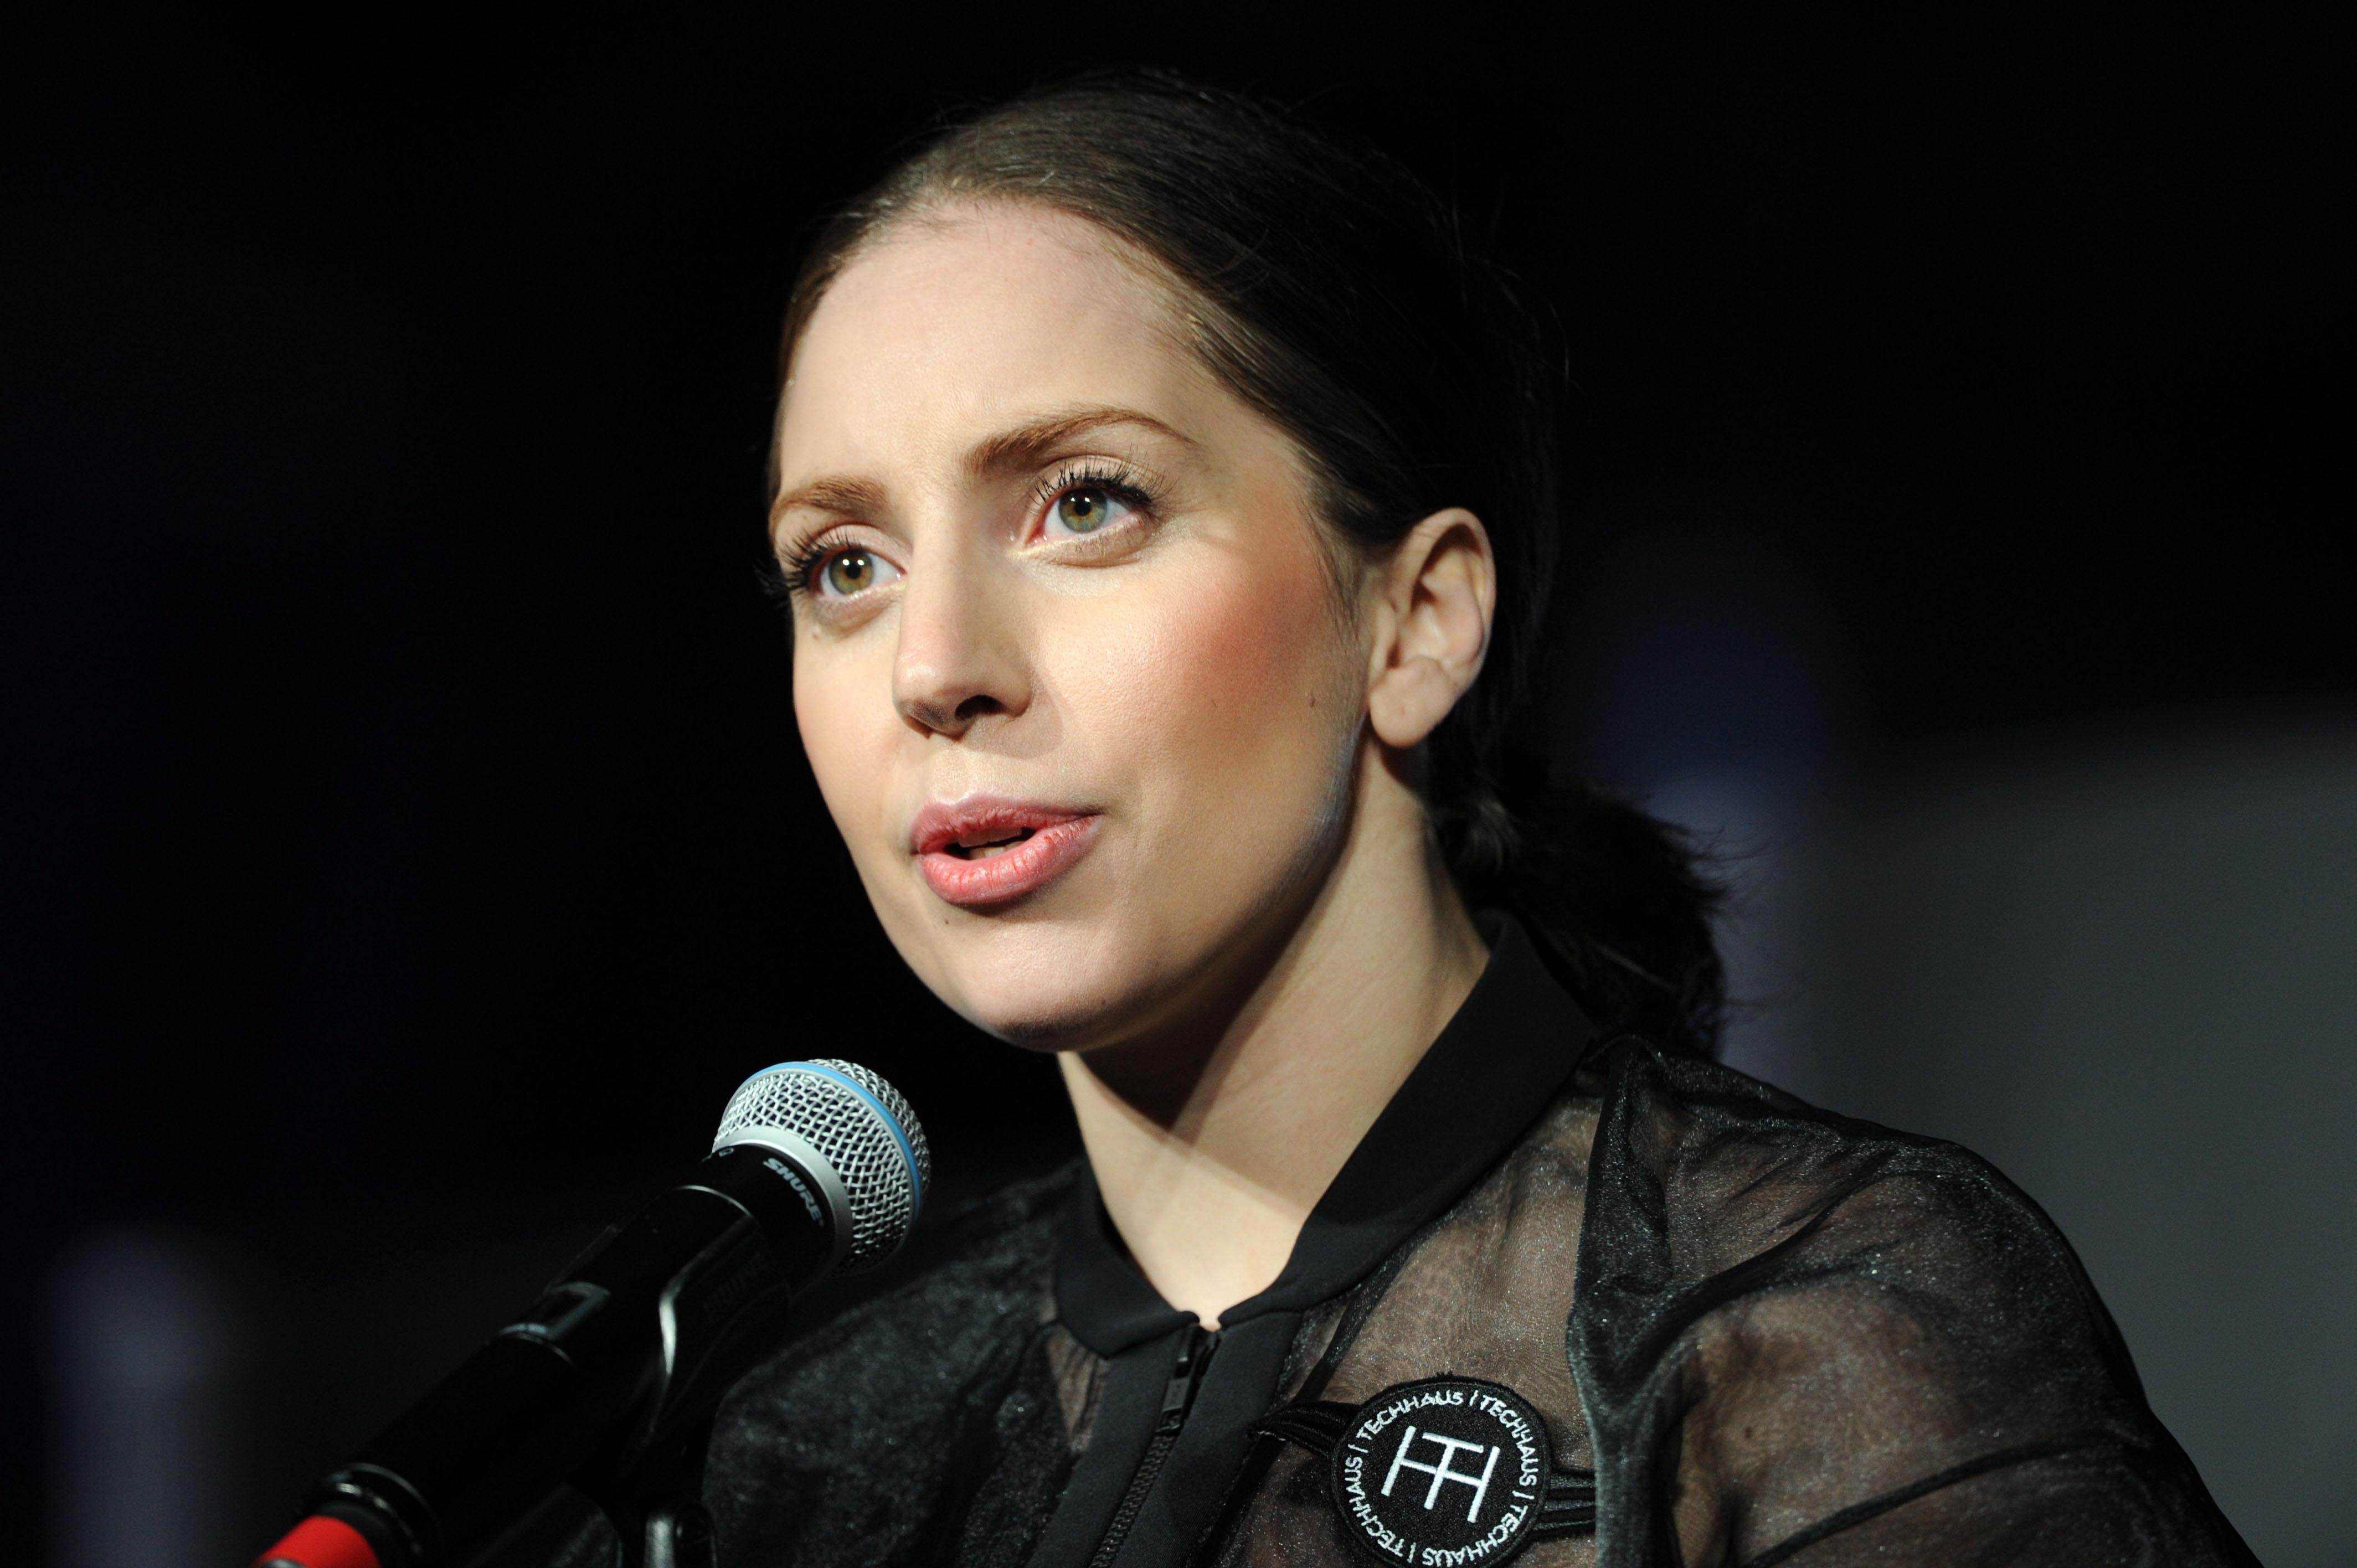 No início de sua carreira Lady Gaga era muito exótica, agora ela mudou